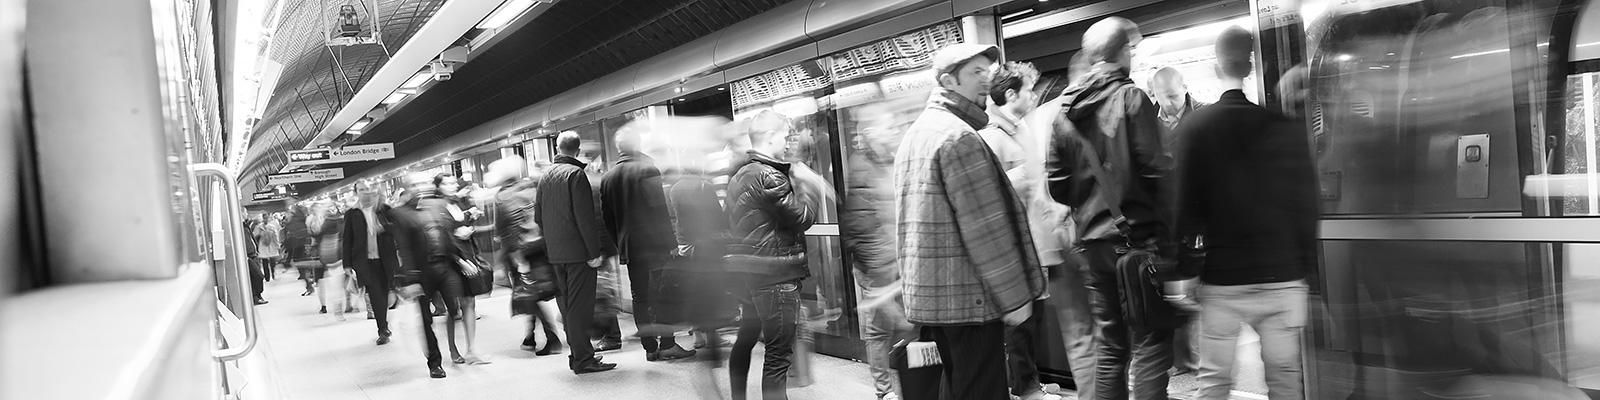 ロンドン 人々 移動 イメージ